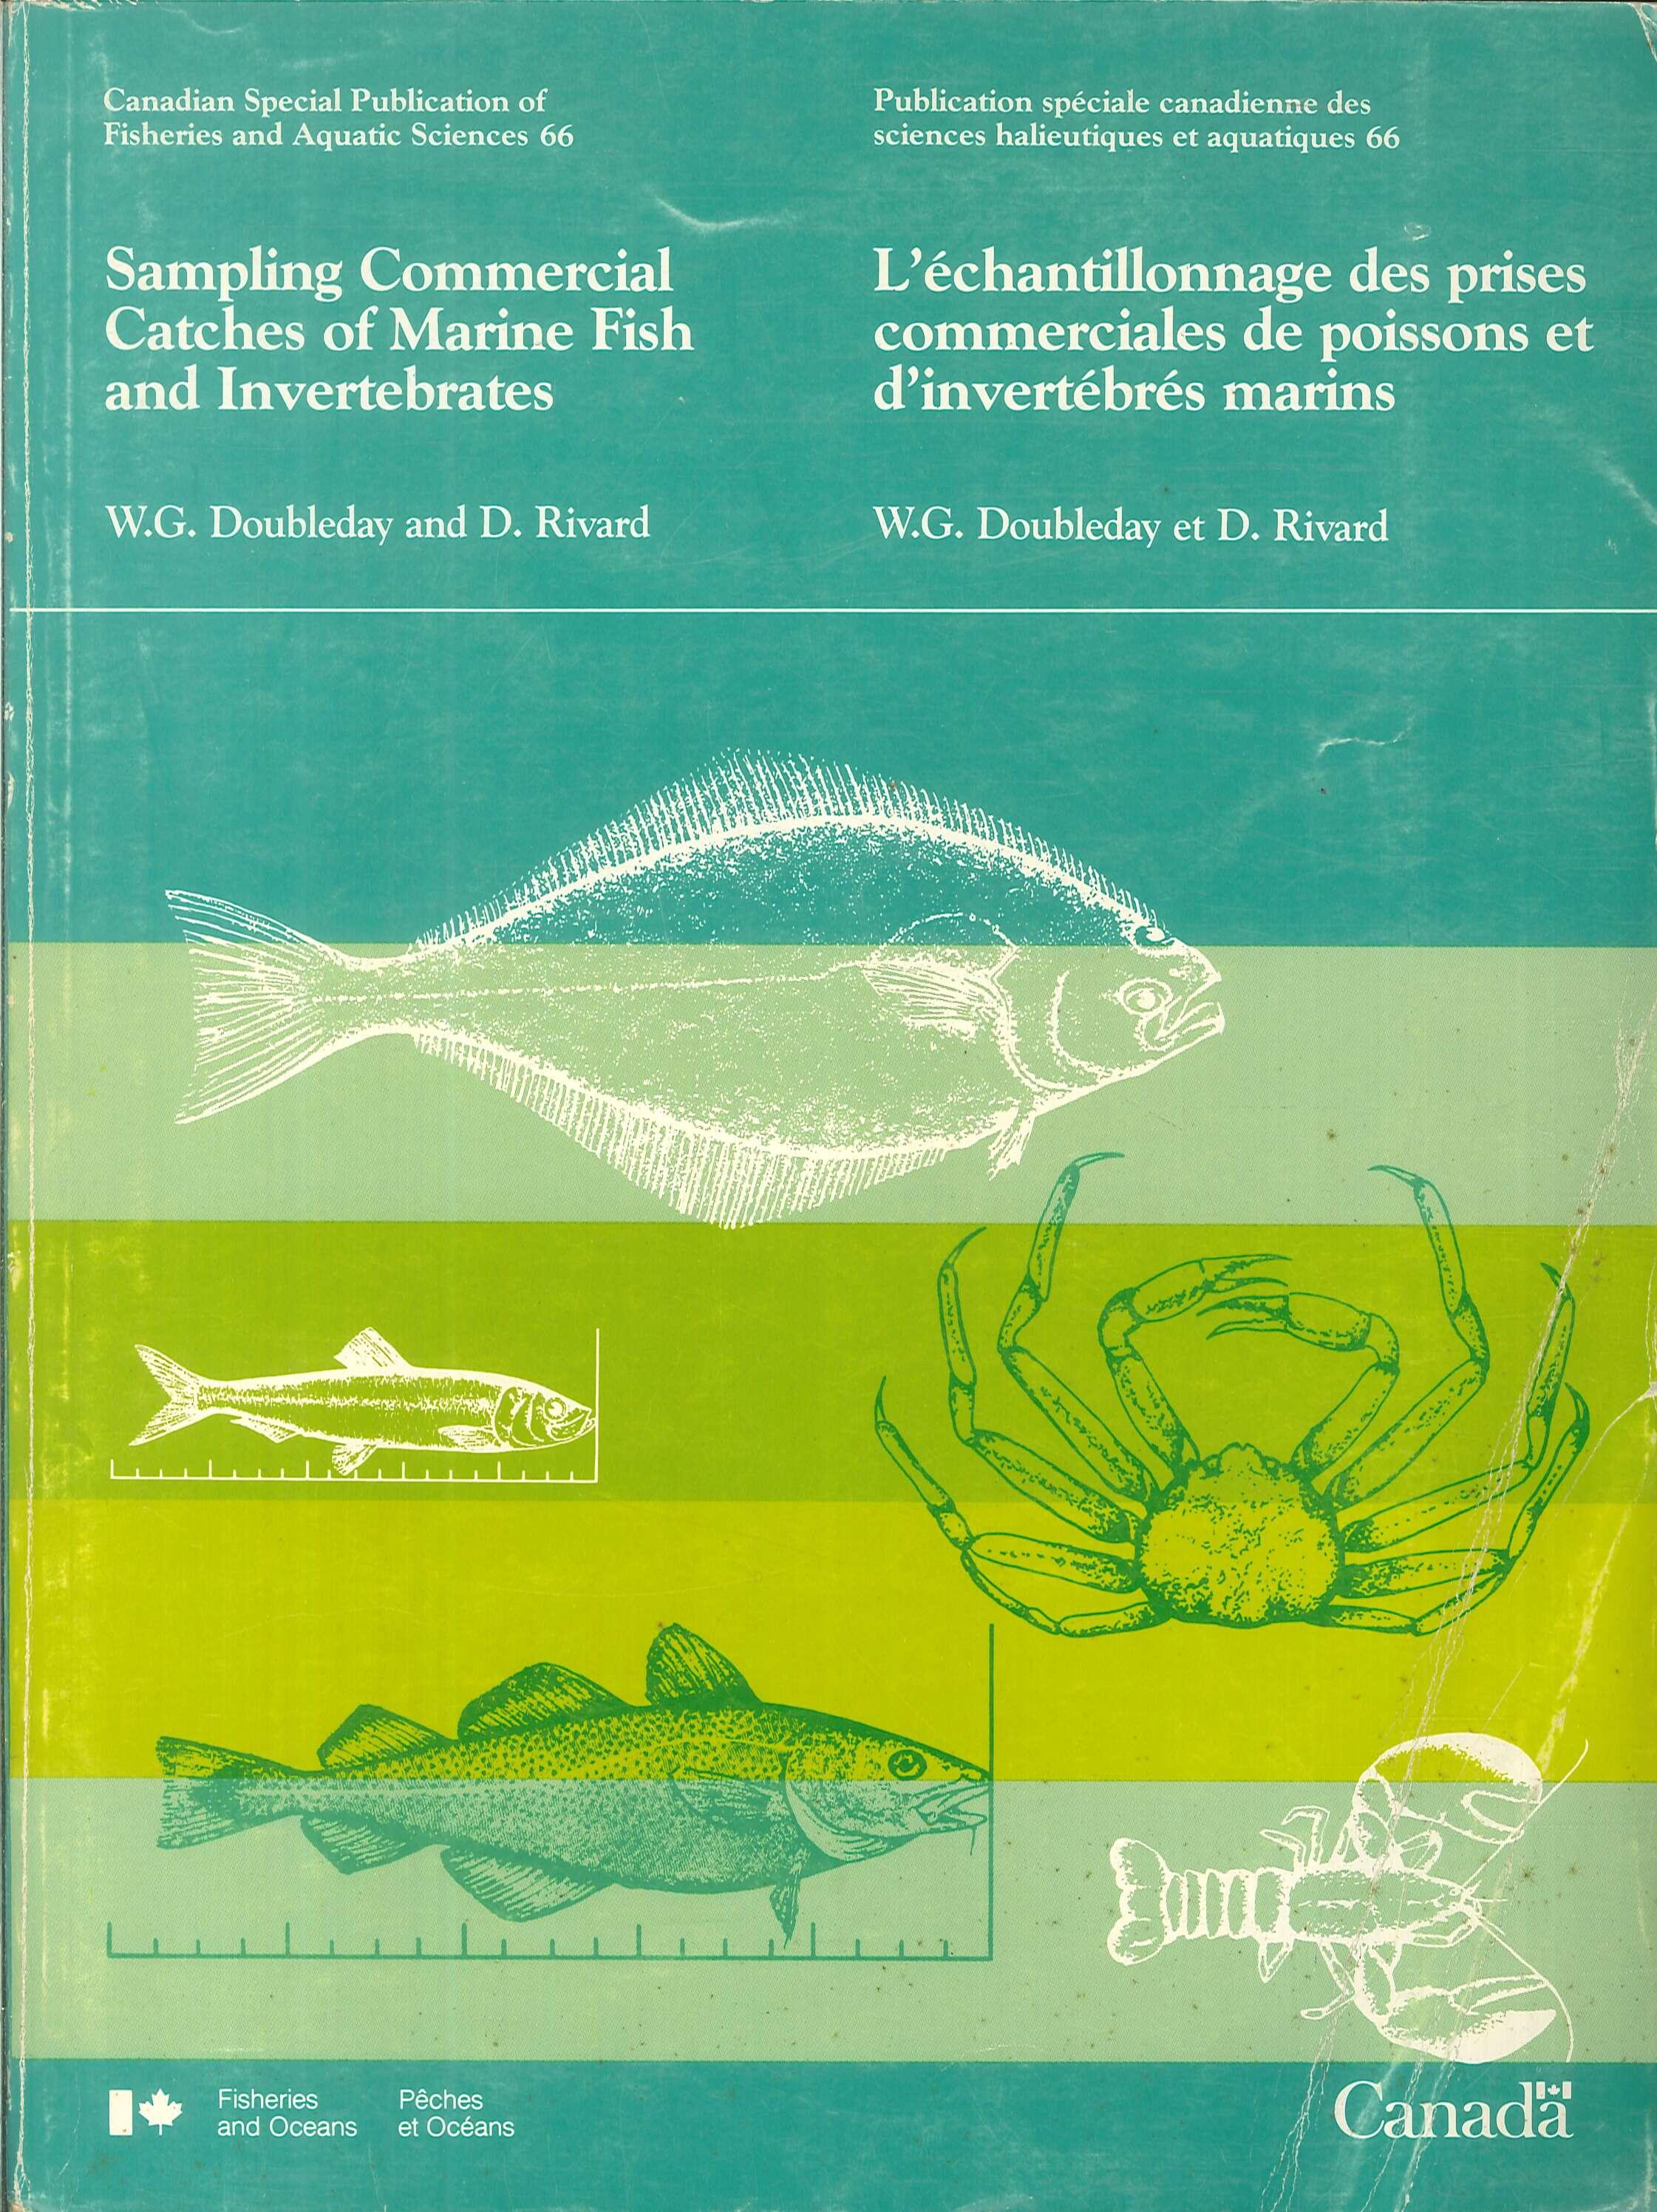 Sampling Commercial Catches of Marine Fish and Invertebrates. L'échantillonnage des prises commerciales des poissons et d'invertébrés marins